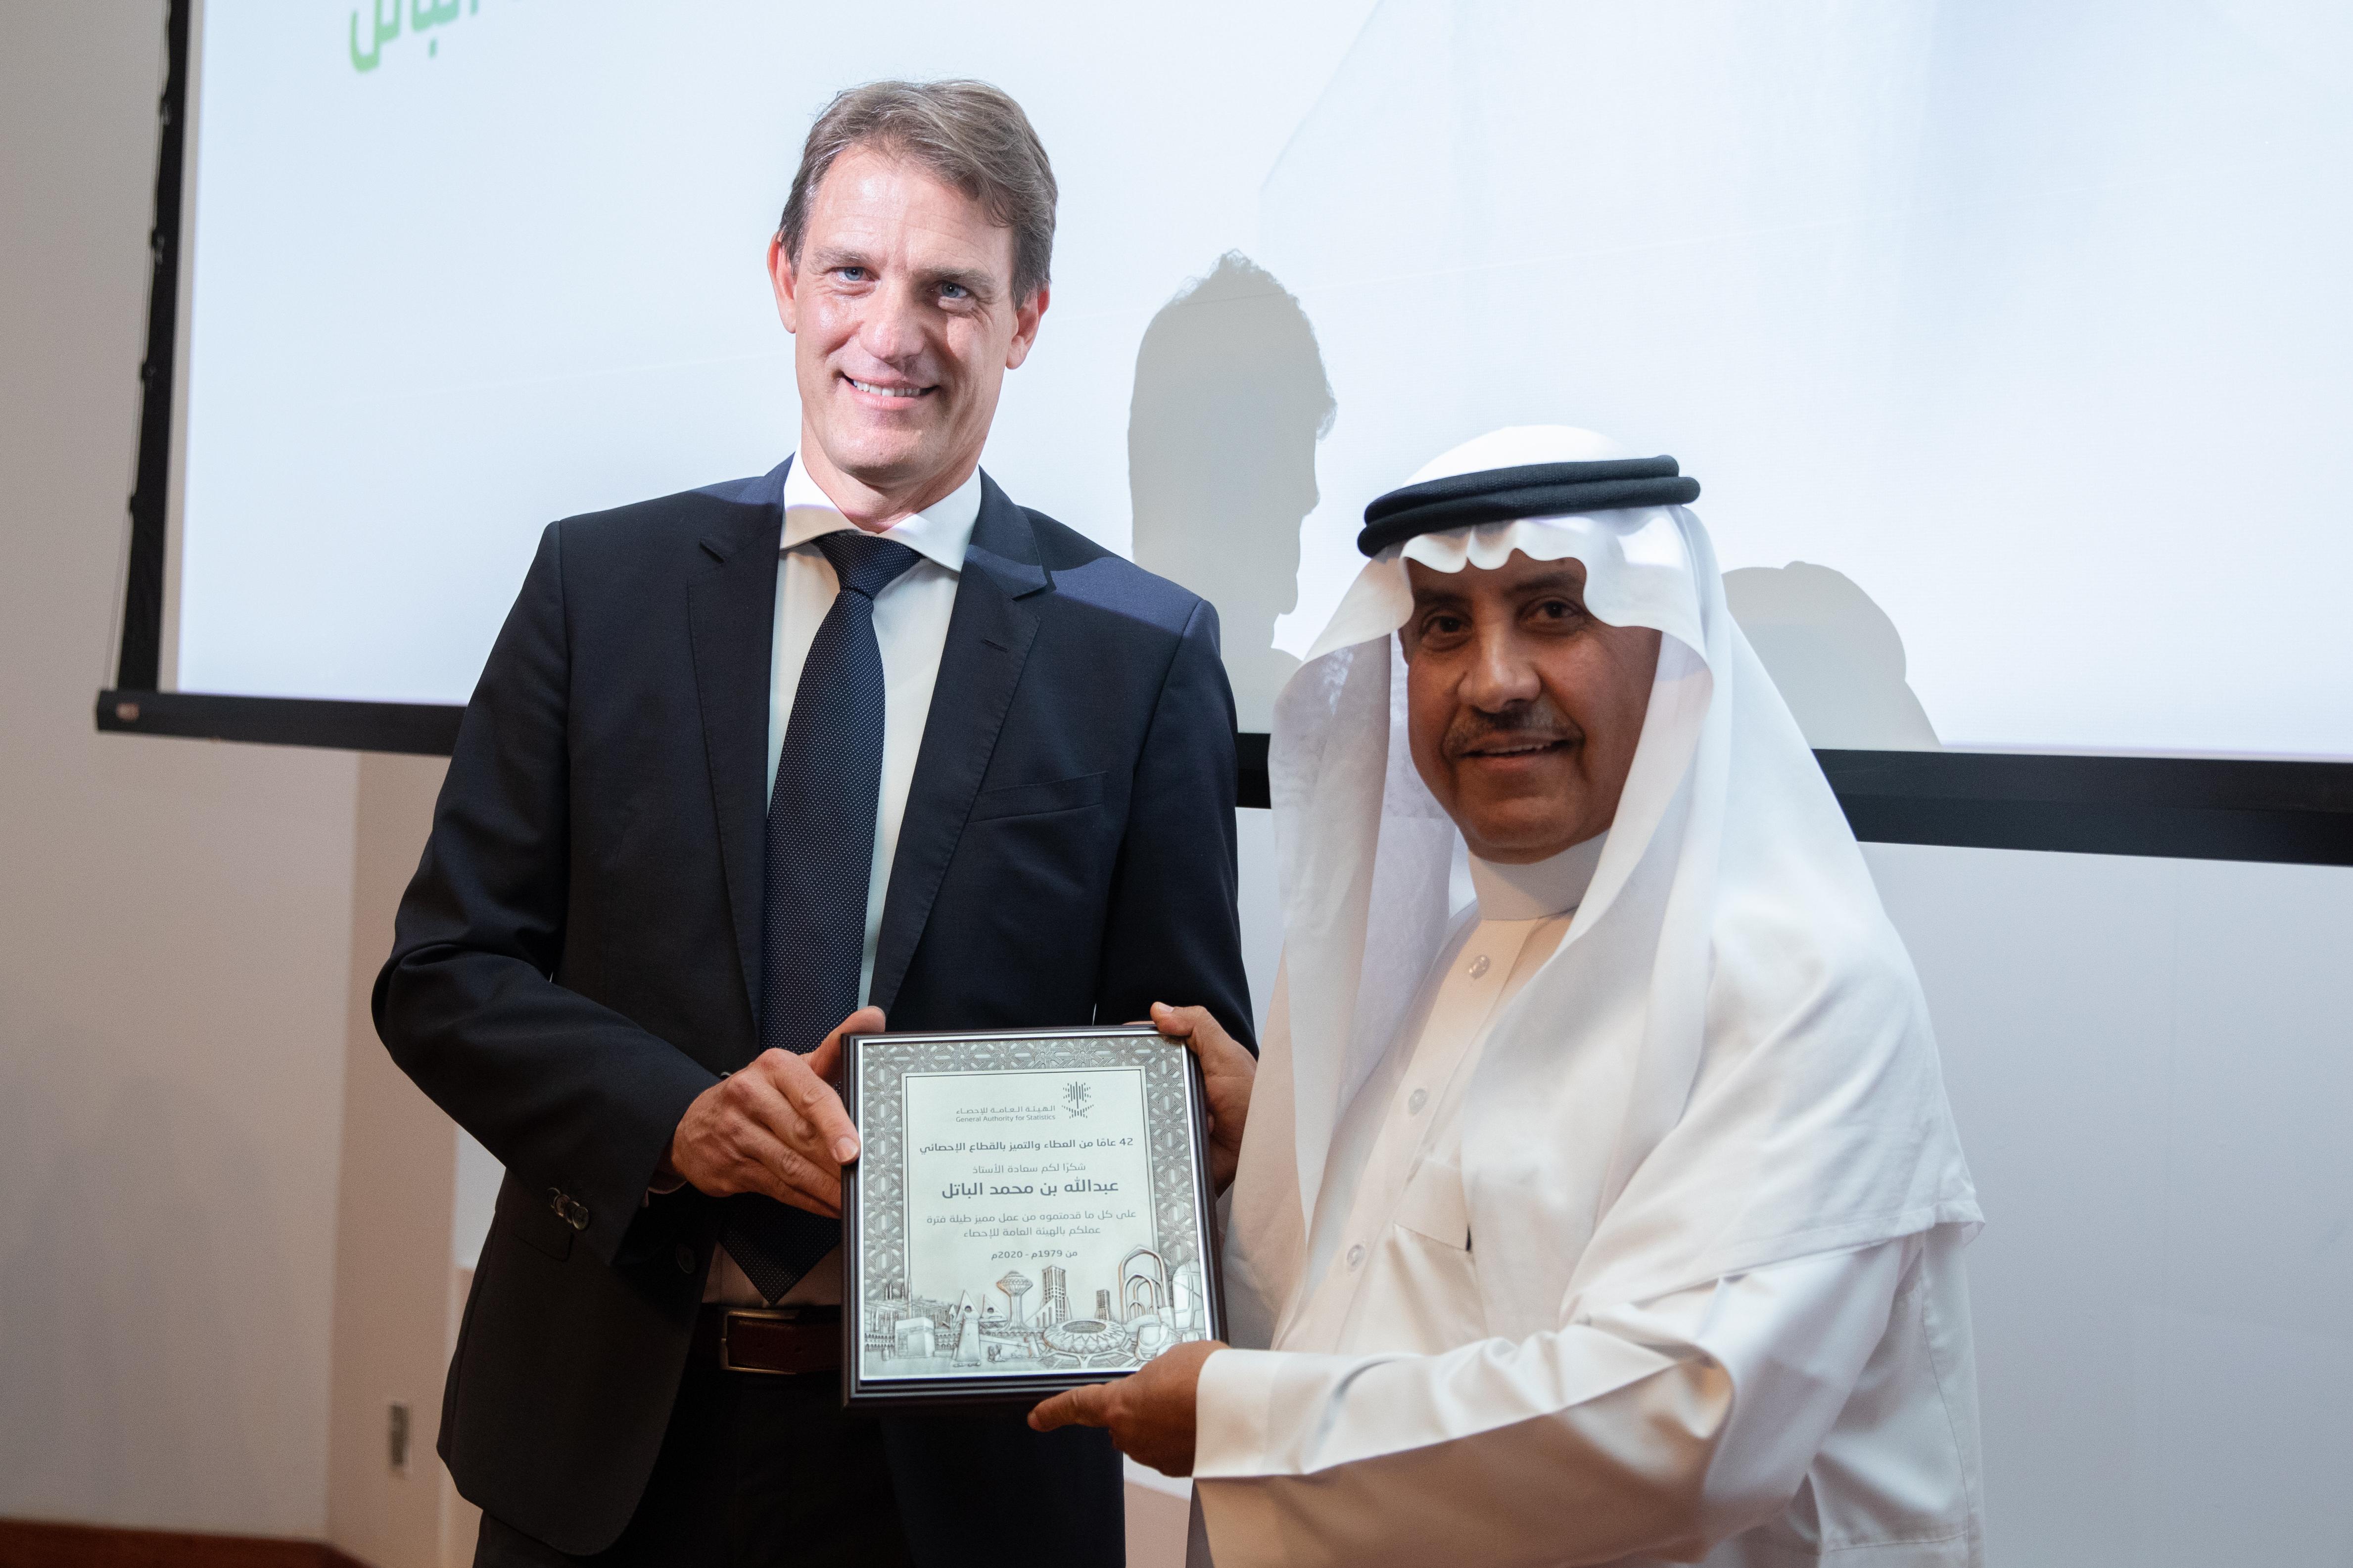 رئيس الهيئة الدكتور كونراد بيسيندورفر والأستاذ عبد الله بن محمد الباتل